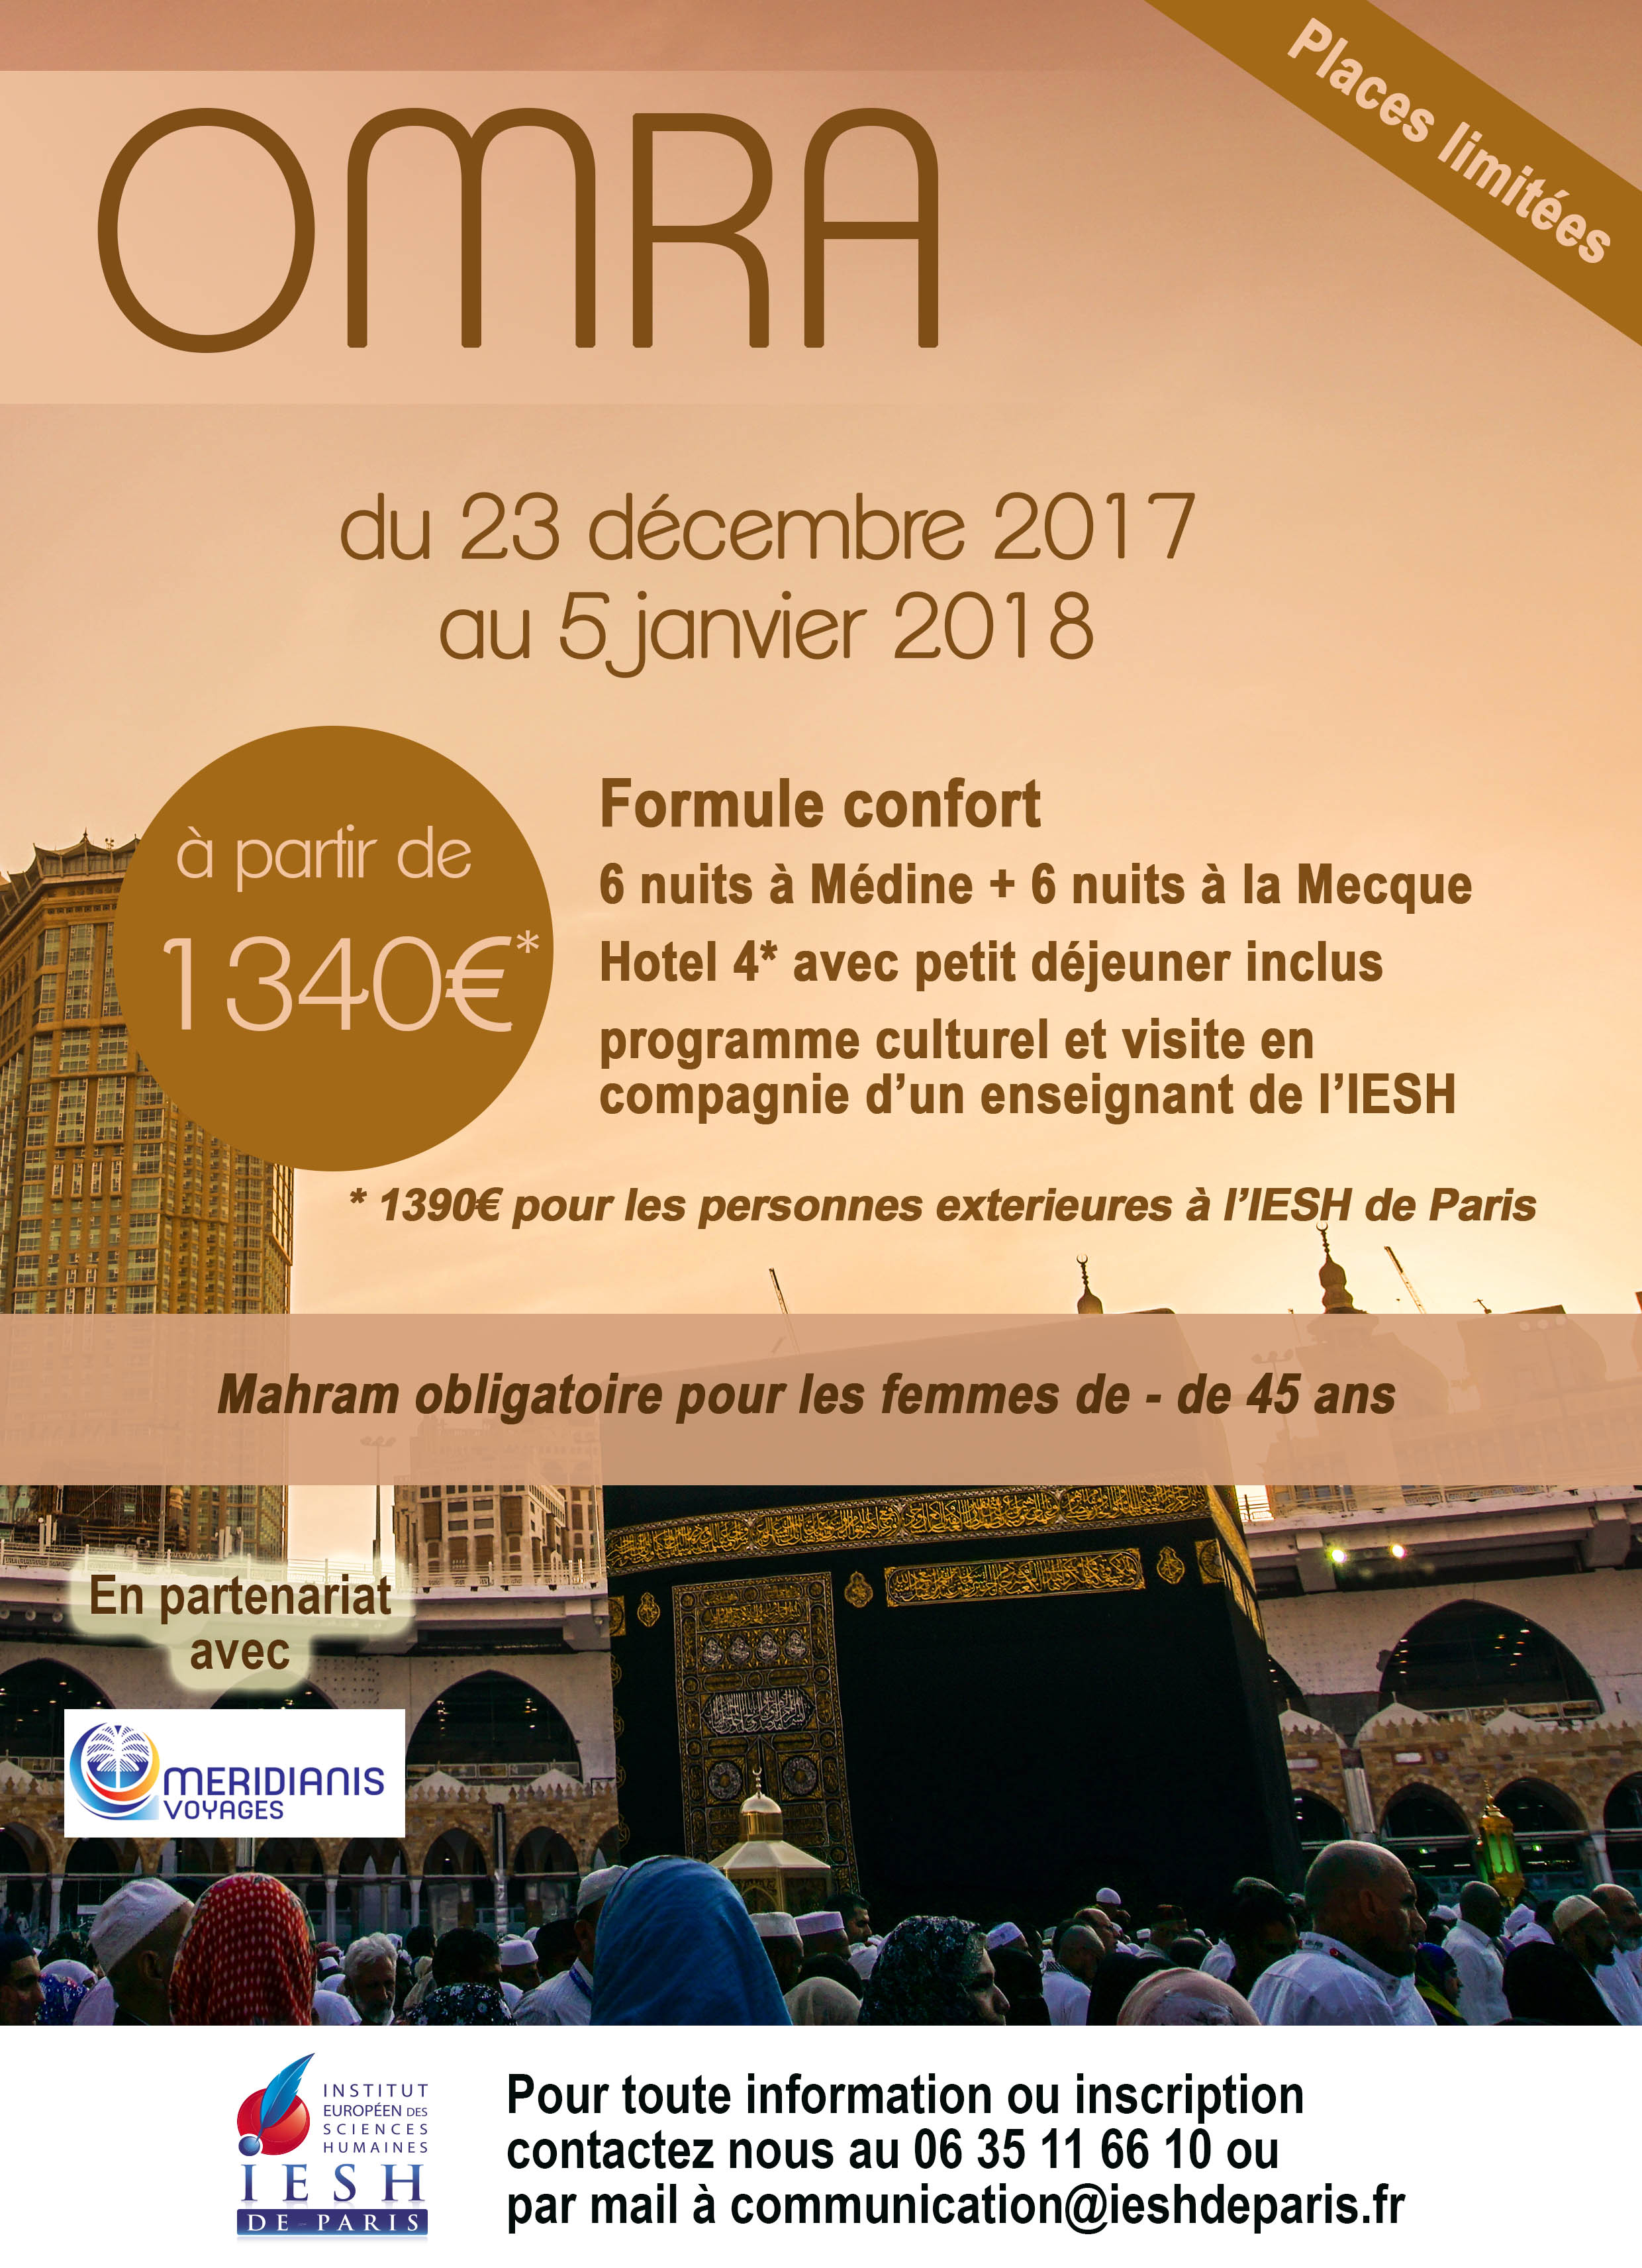 https://www.saphirnews.com/agenda/Sejour-Omra-du-23-decembre-2017-au-5-janvier-2018_ae524198.html